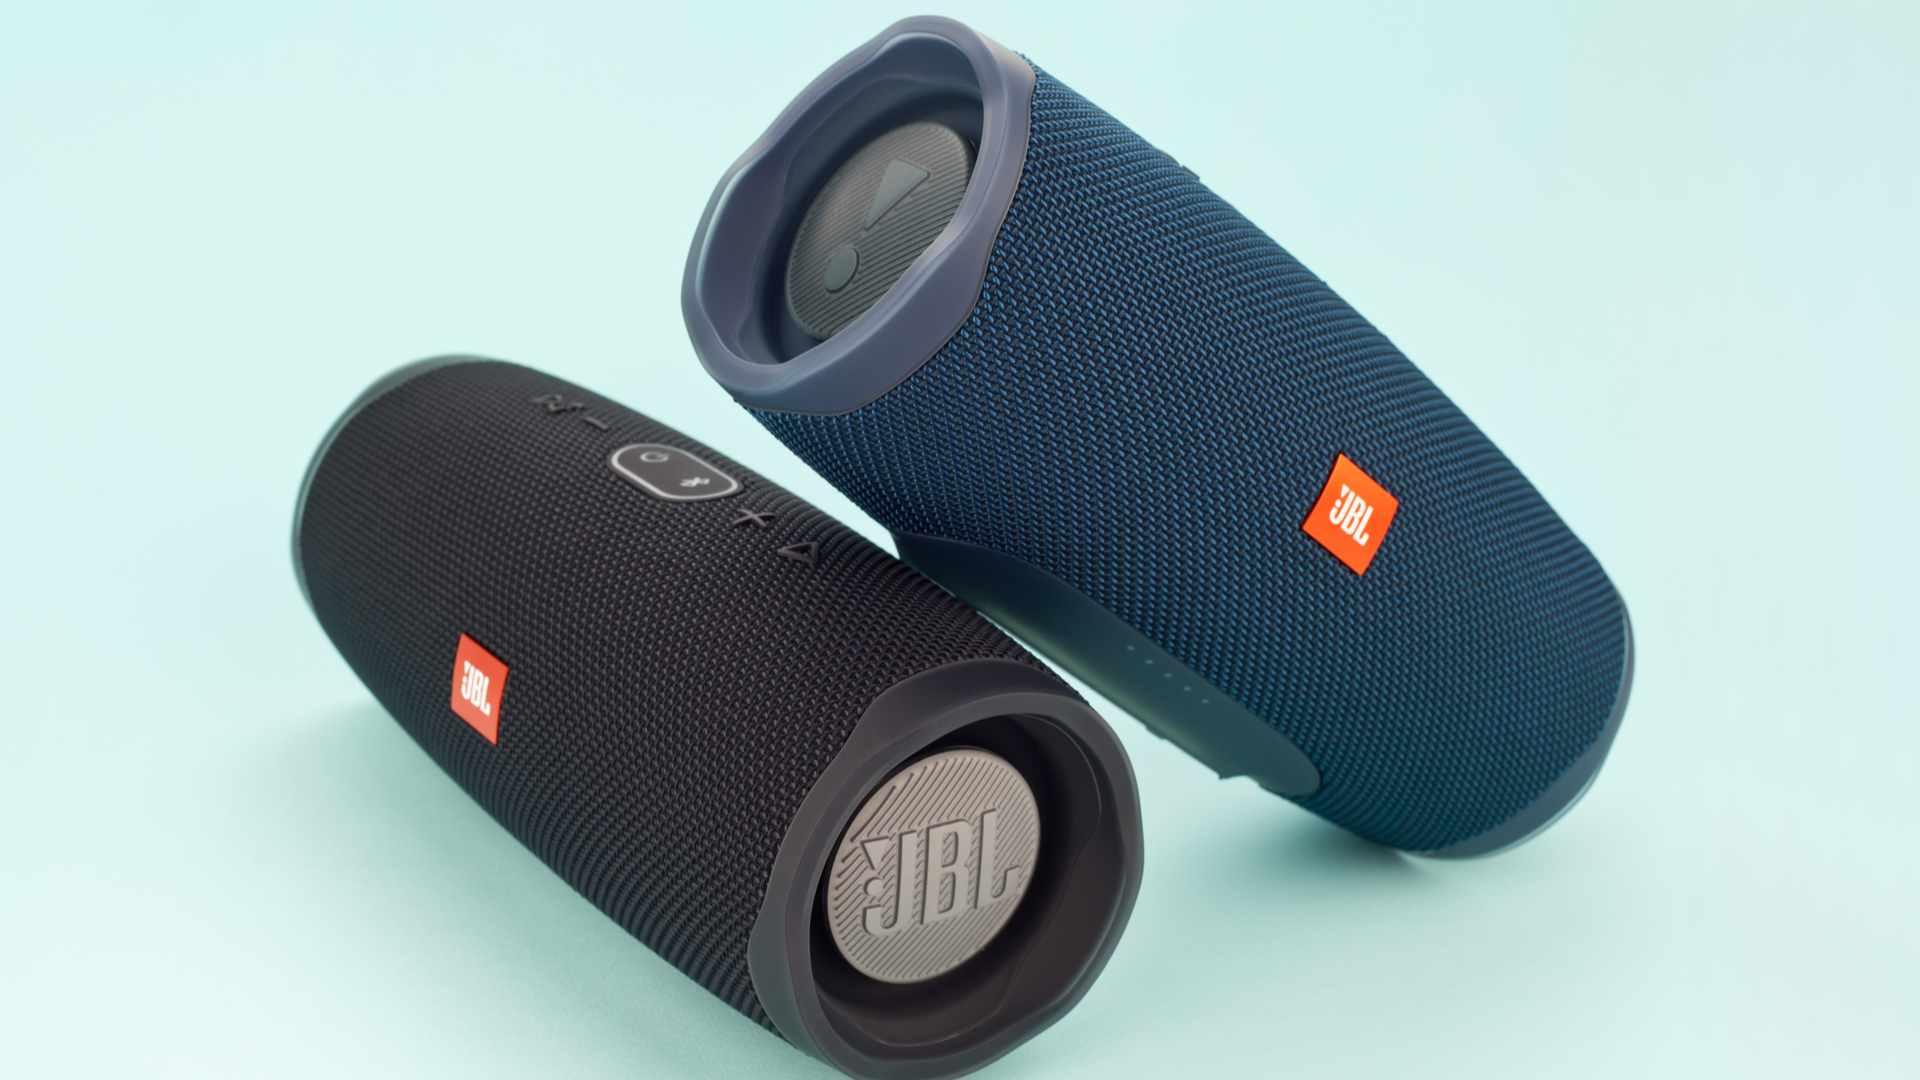 Imagem de duas caixas de som JBL Charge 4, uma preta e outra azul